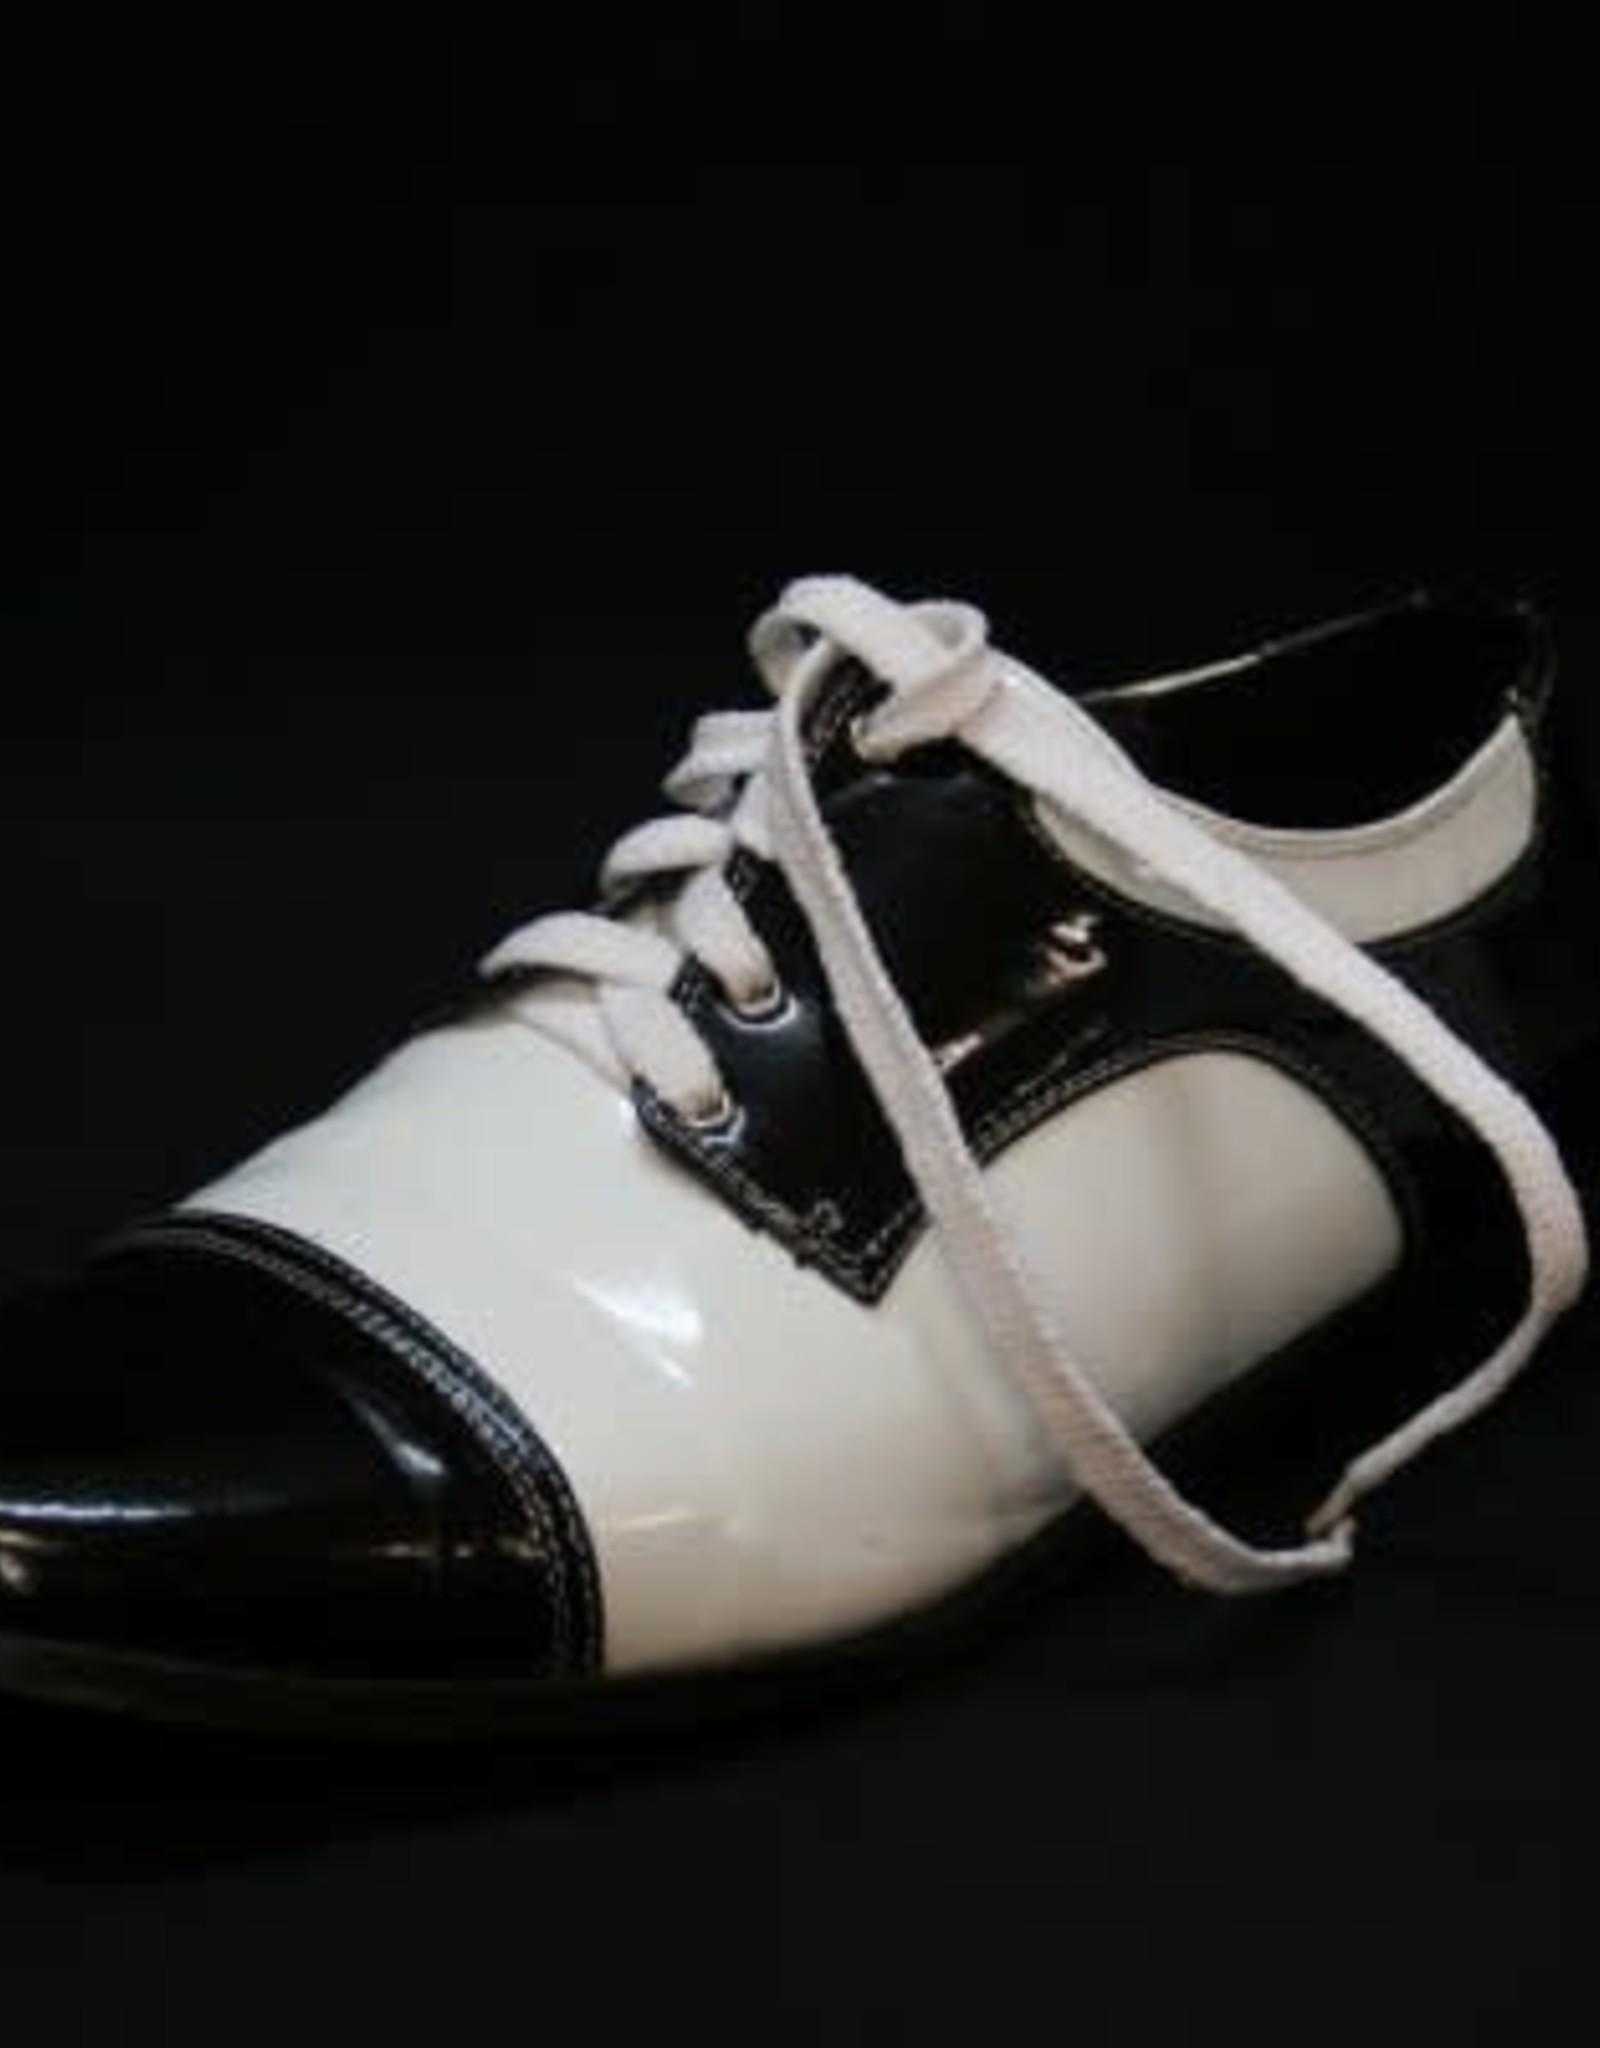 ESPA schoen wit zwart mt 44-45 huurprijs 25 gebruikt